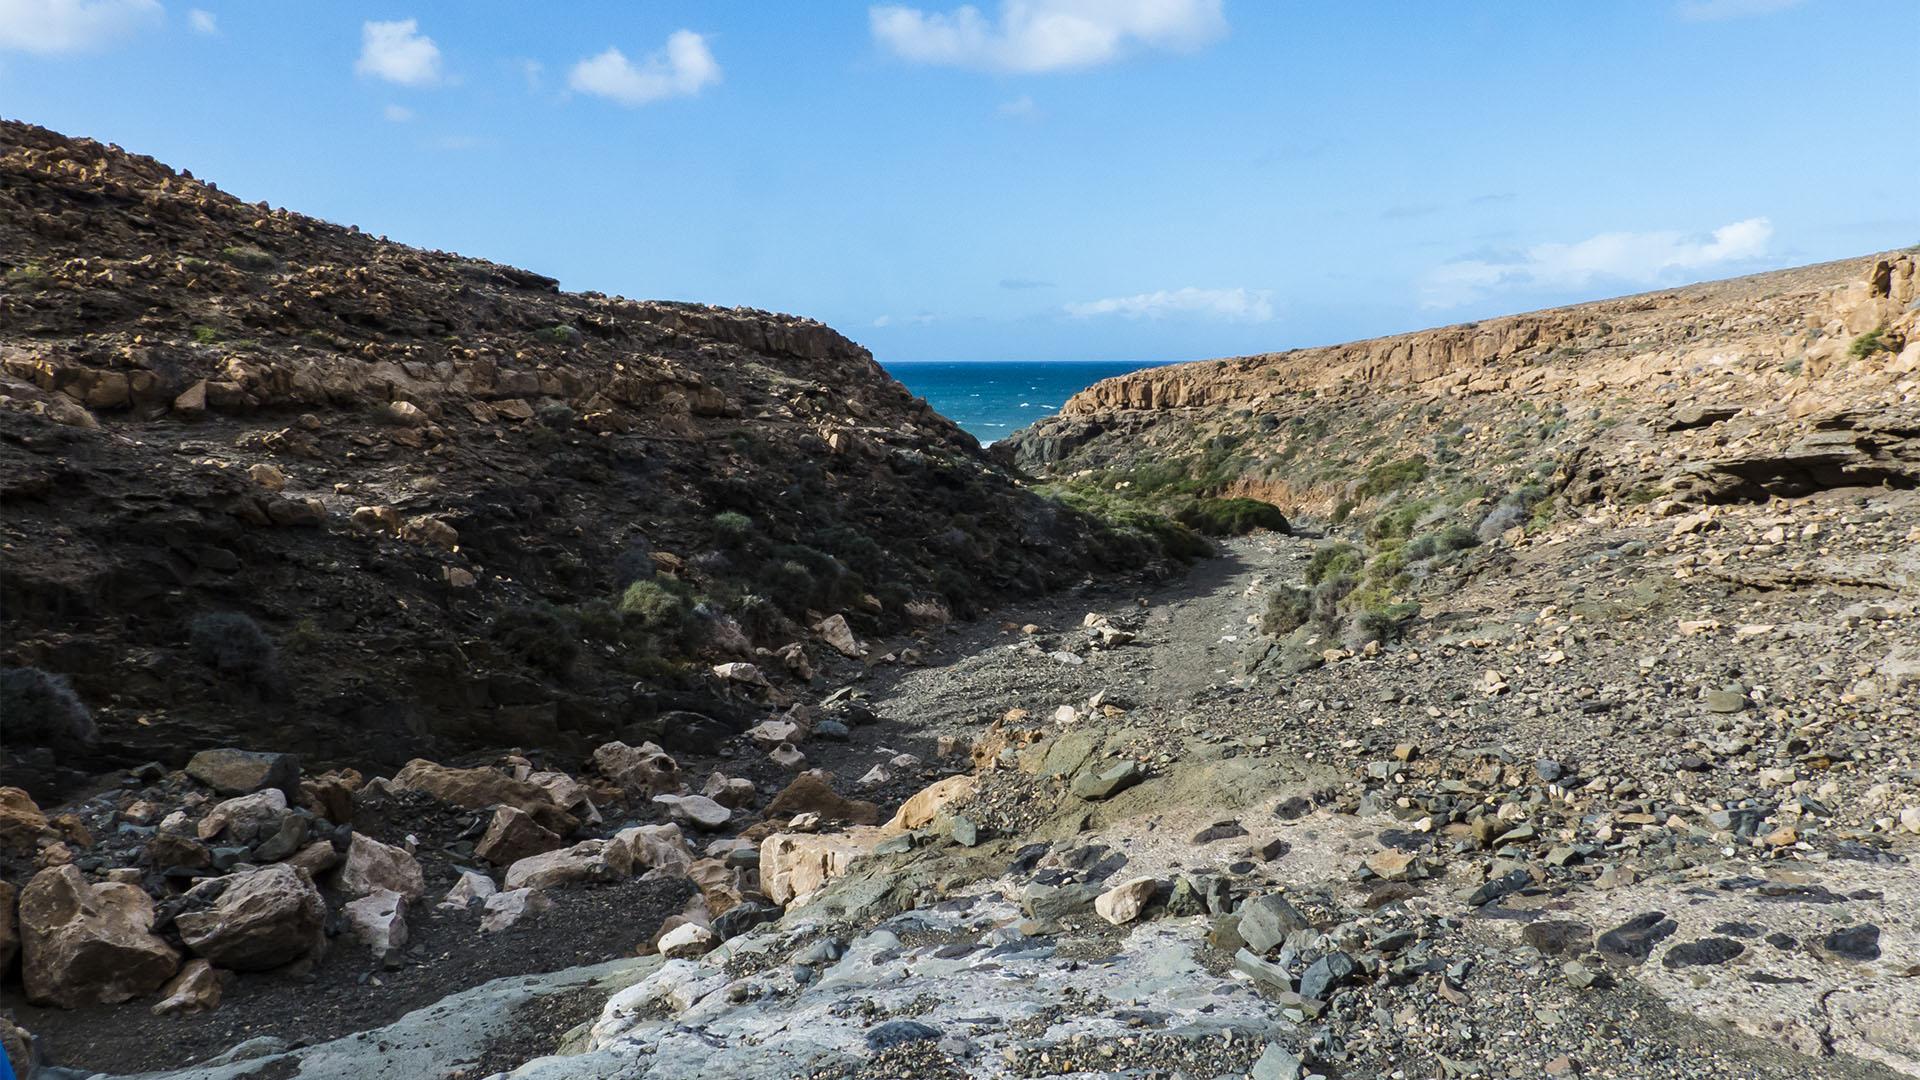 Die Strände Fuerteventuras: Baja de Junguillo